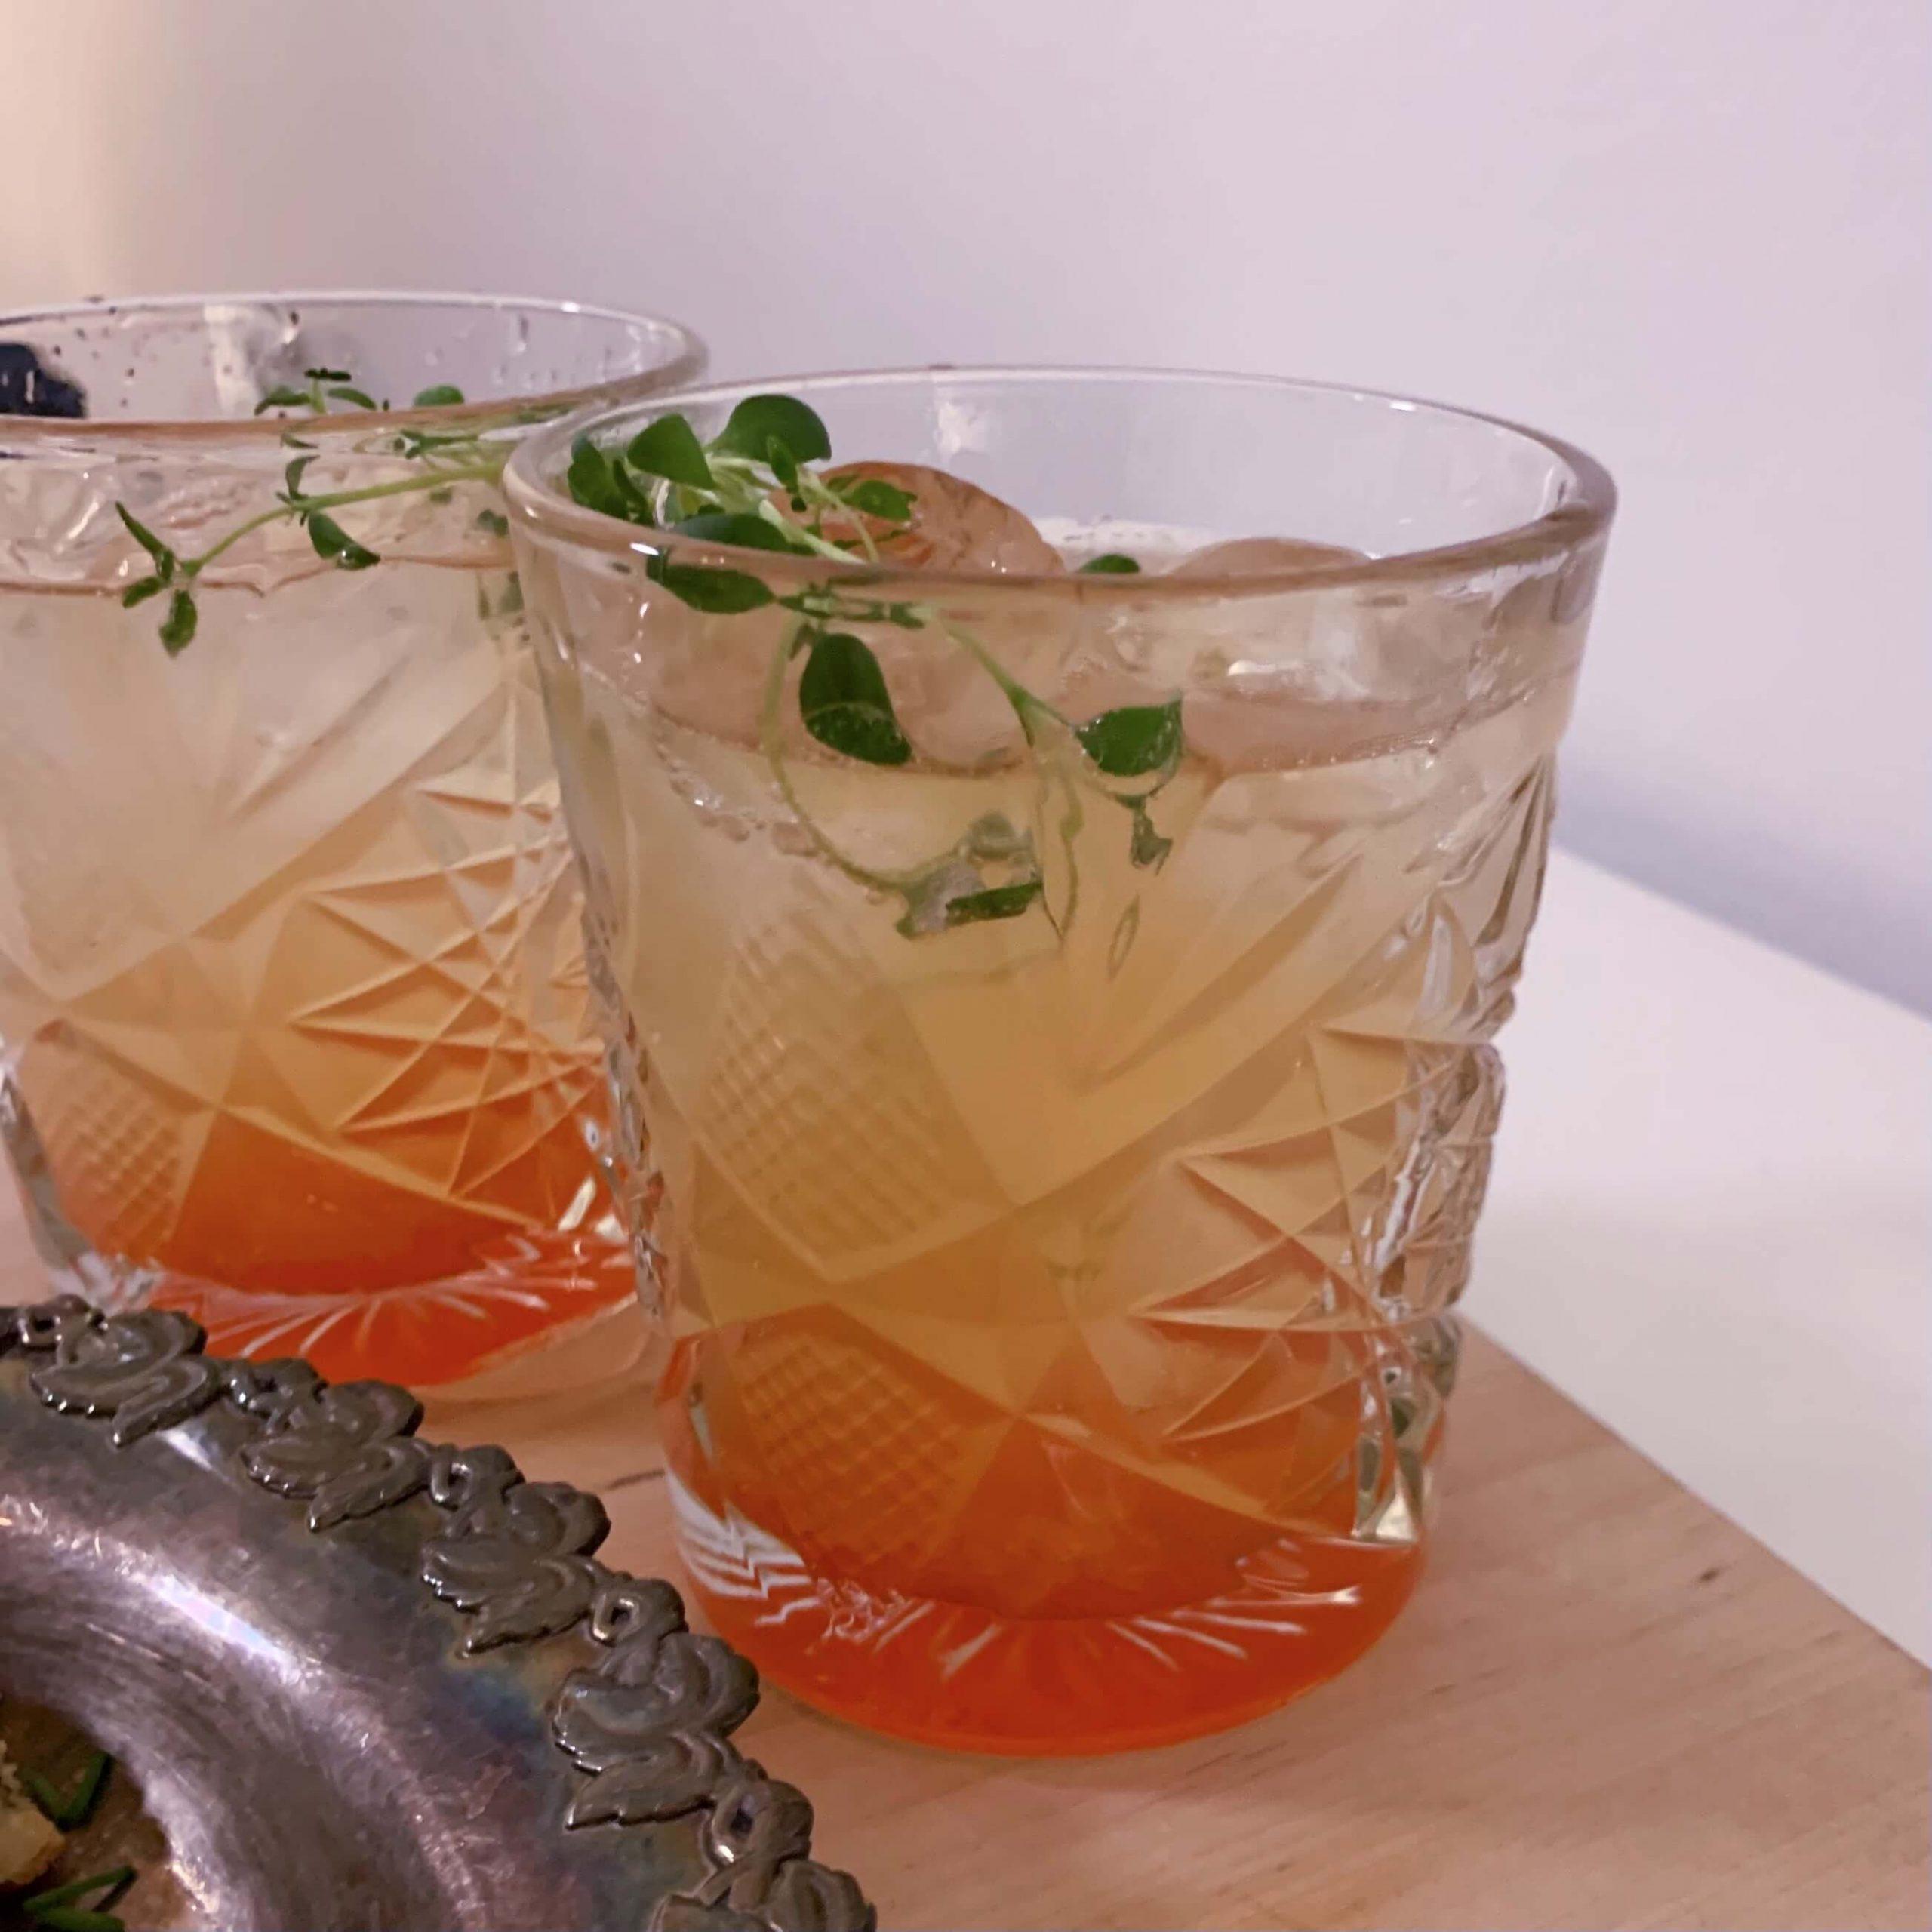 FODMAP skonssit rapumousse cocktail